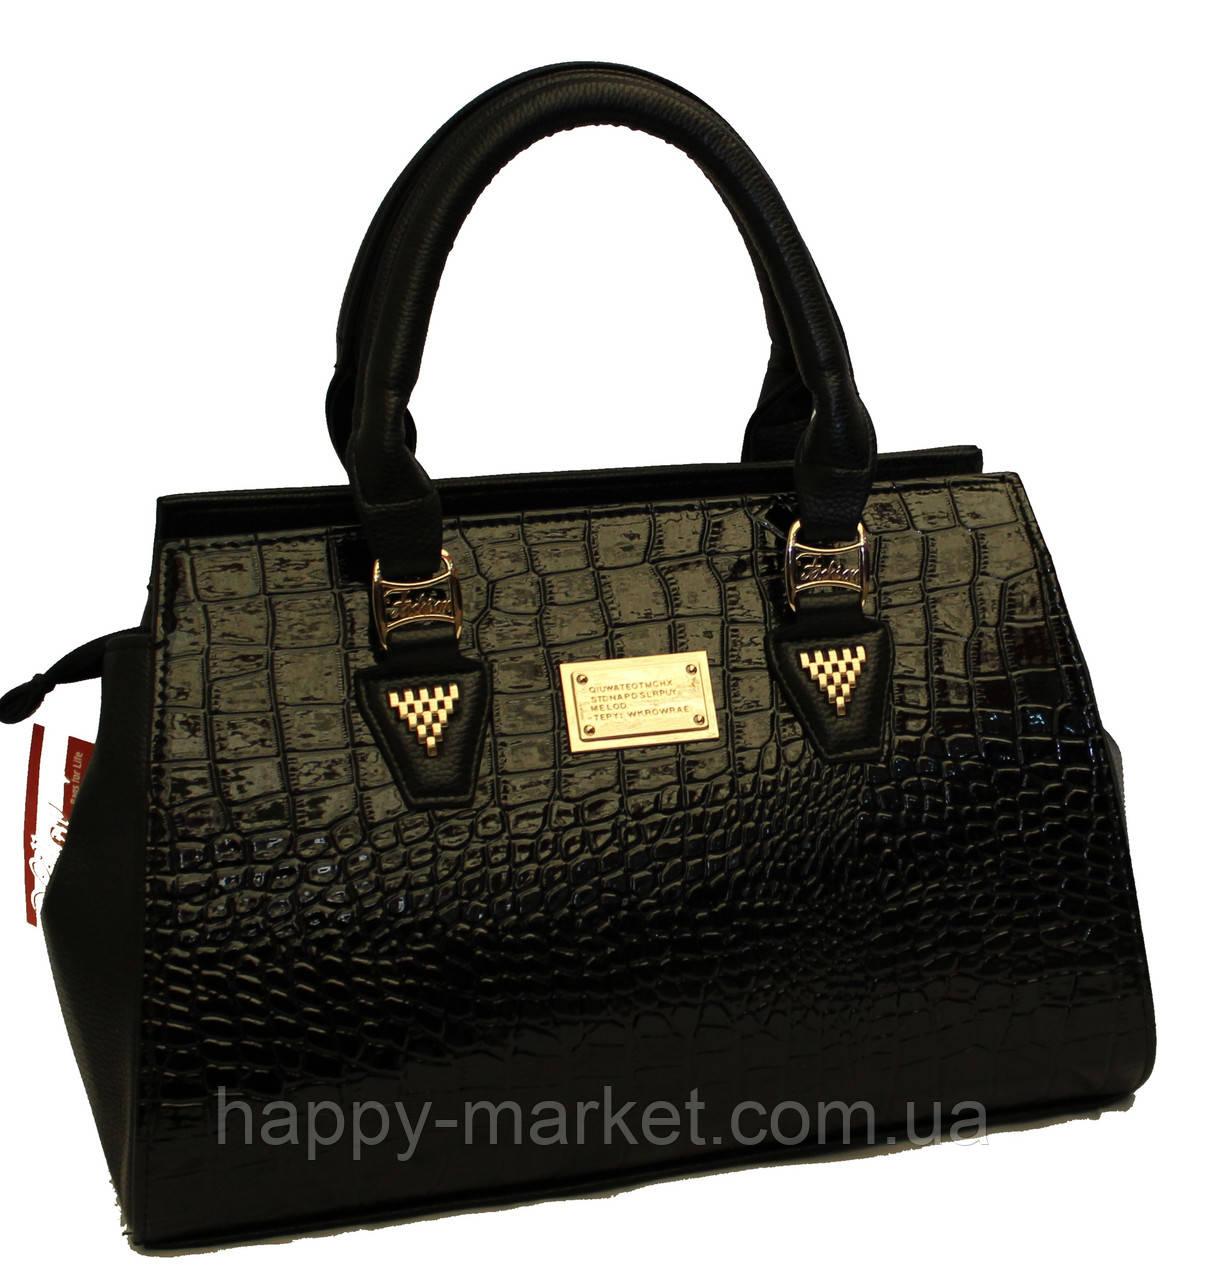 Сумка женская классическая каркасная Fashion  552802-4